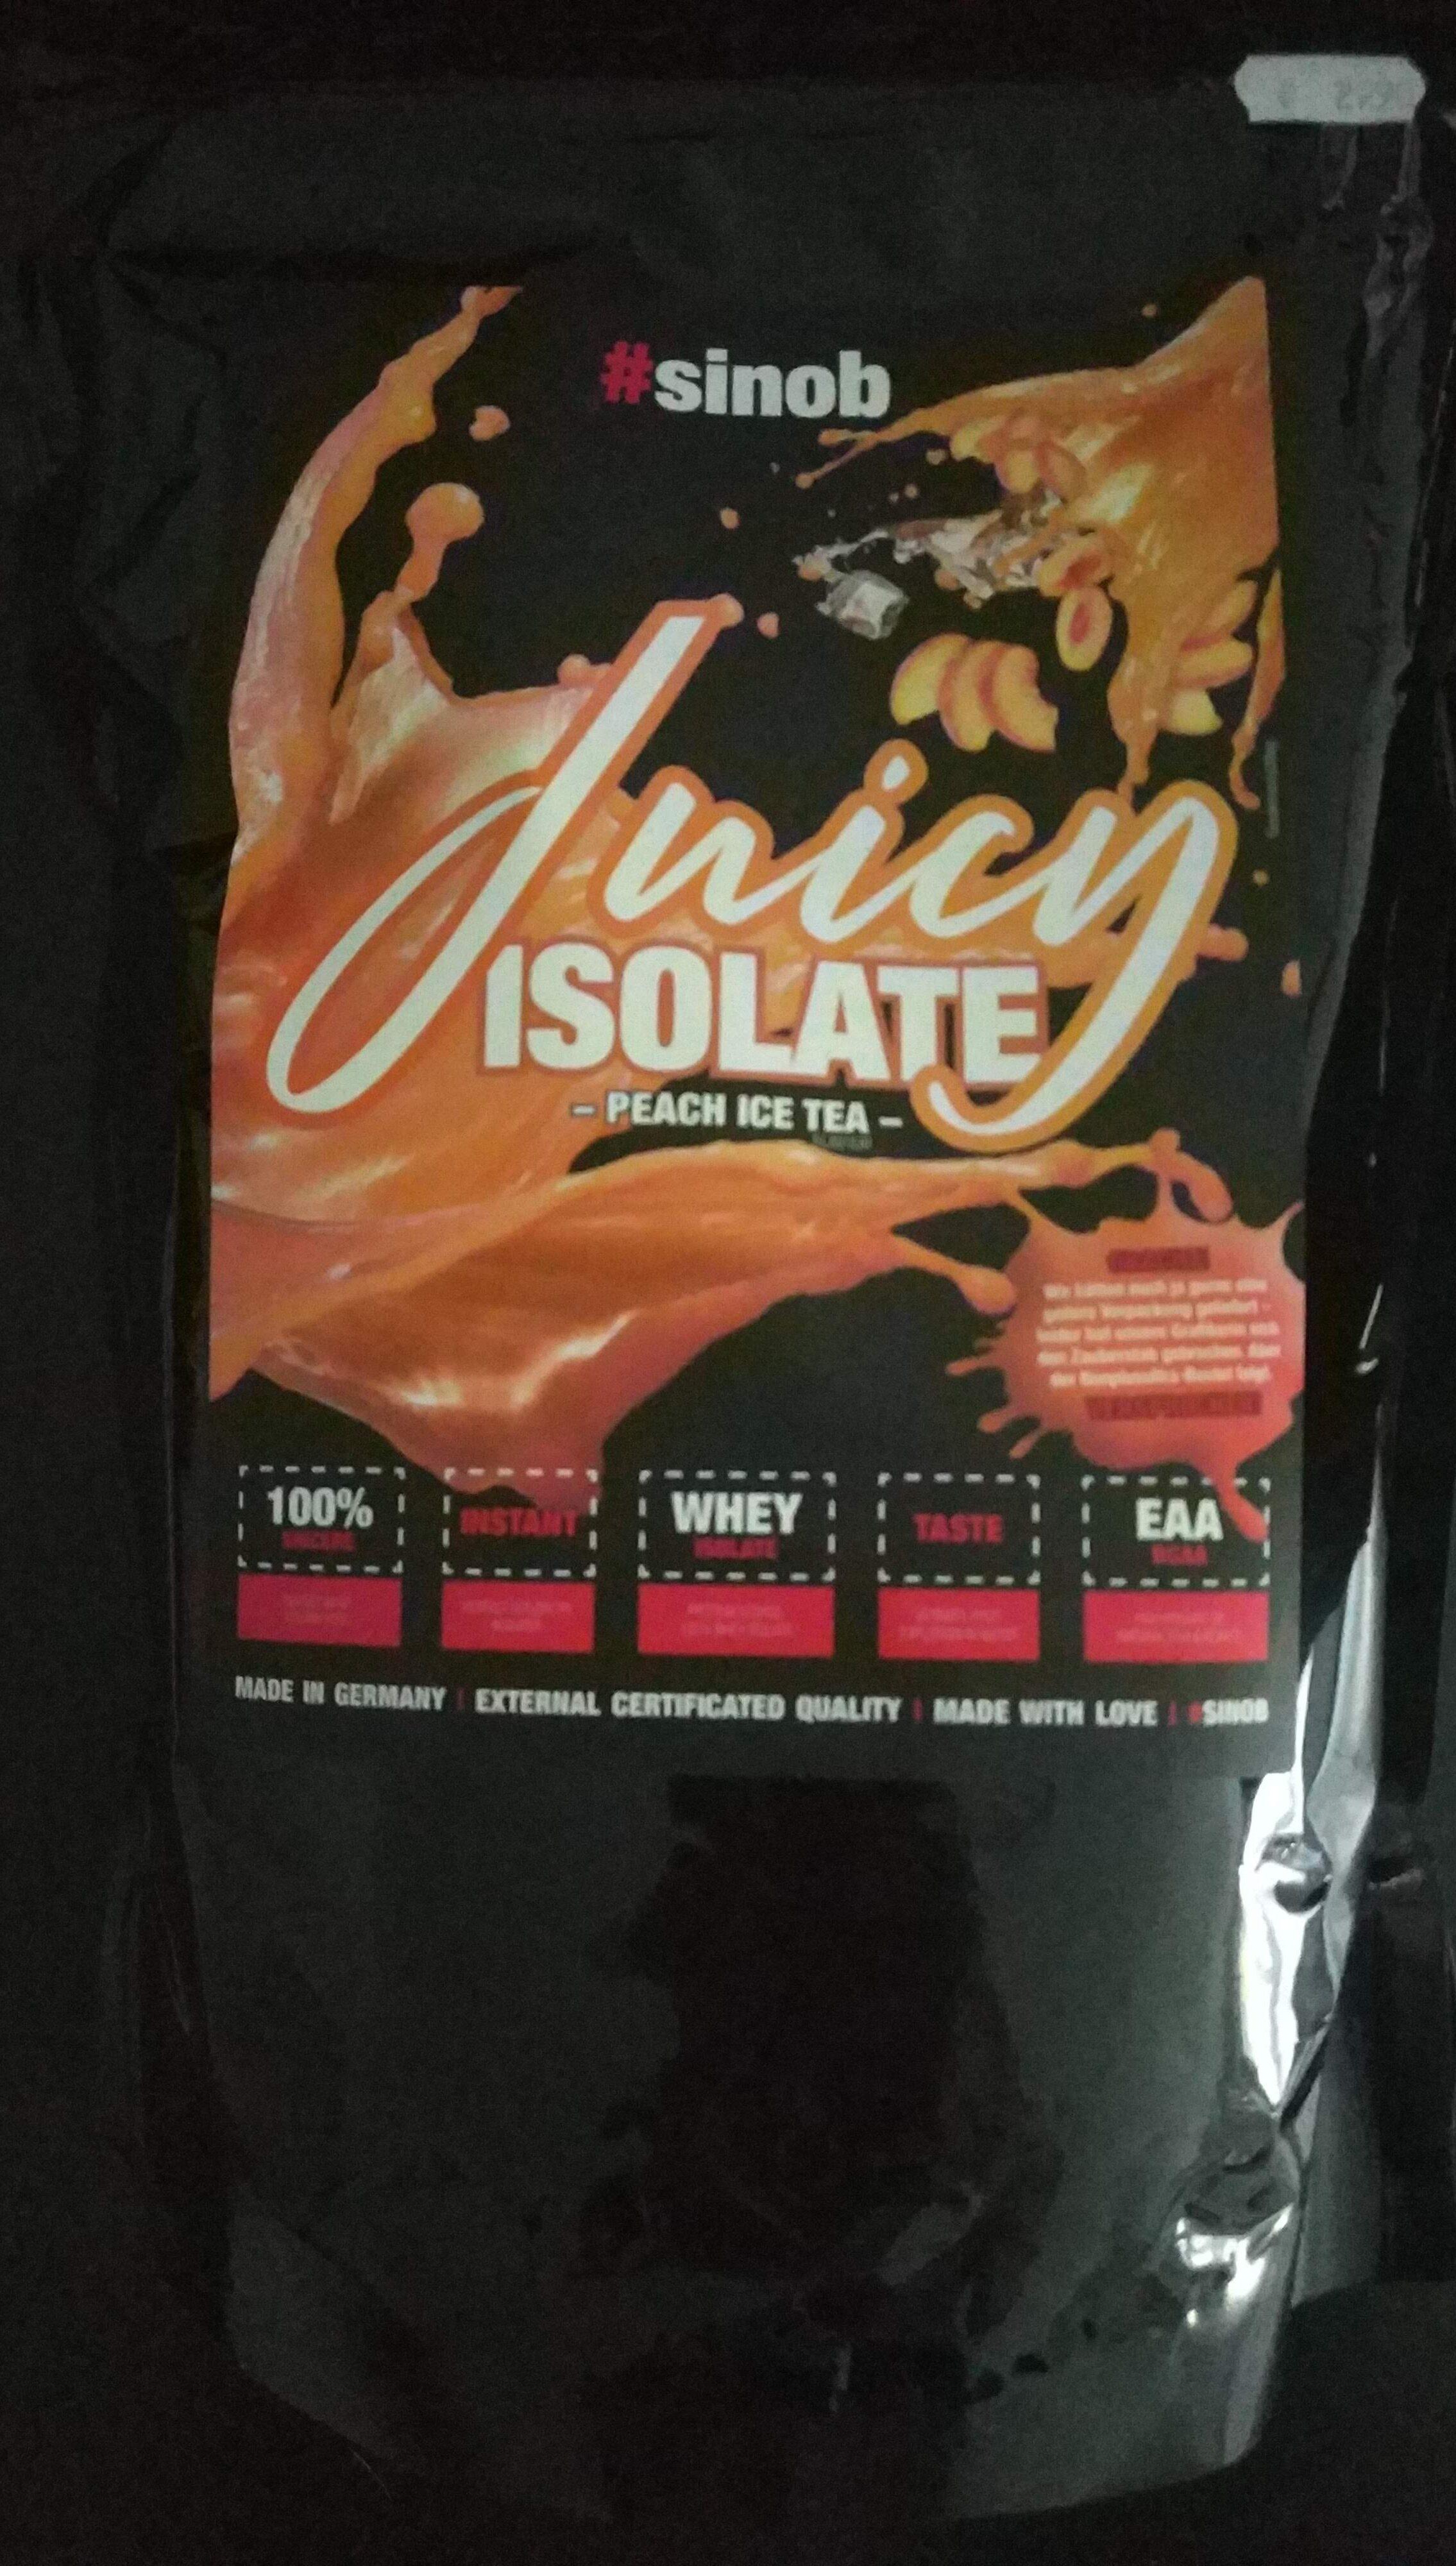 Juicy Isolate Peach Ice Tea - Product